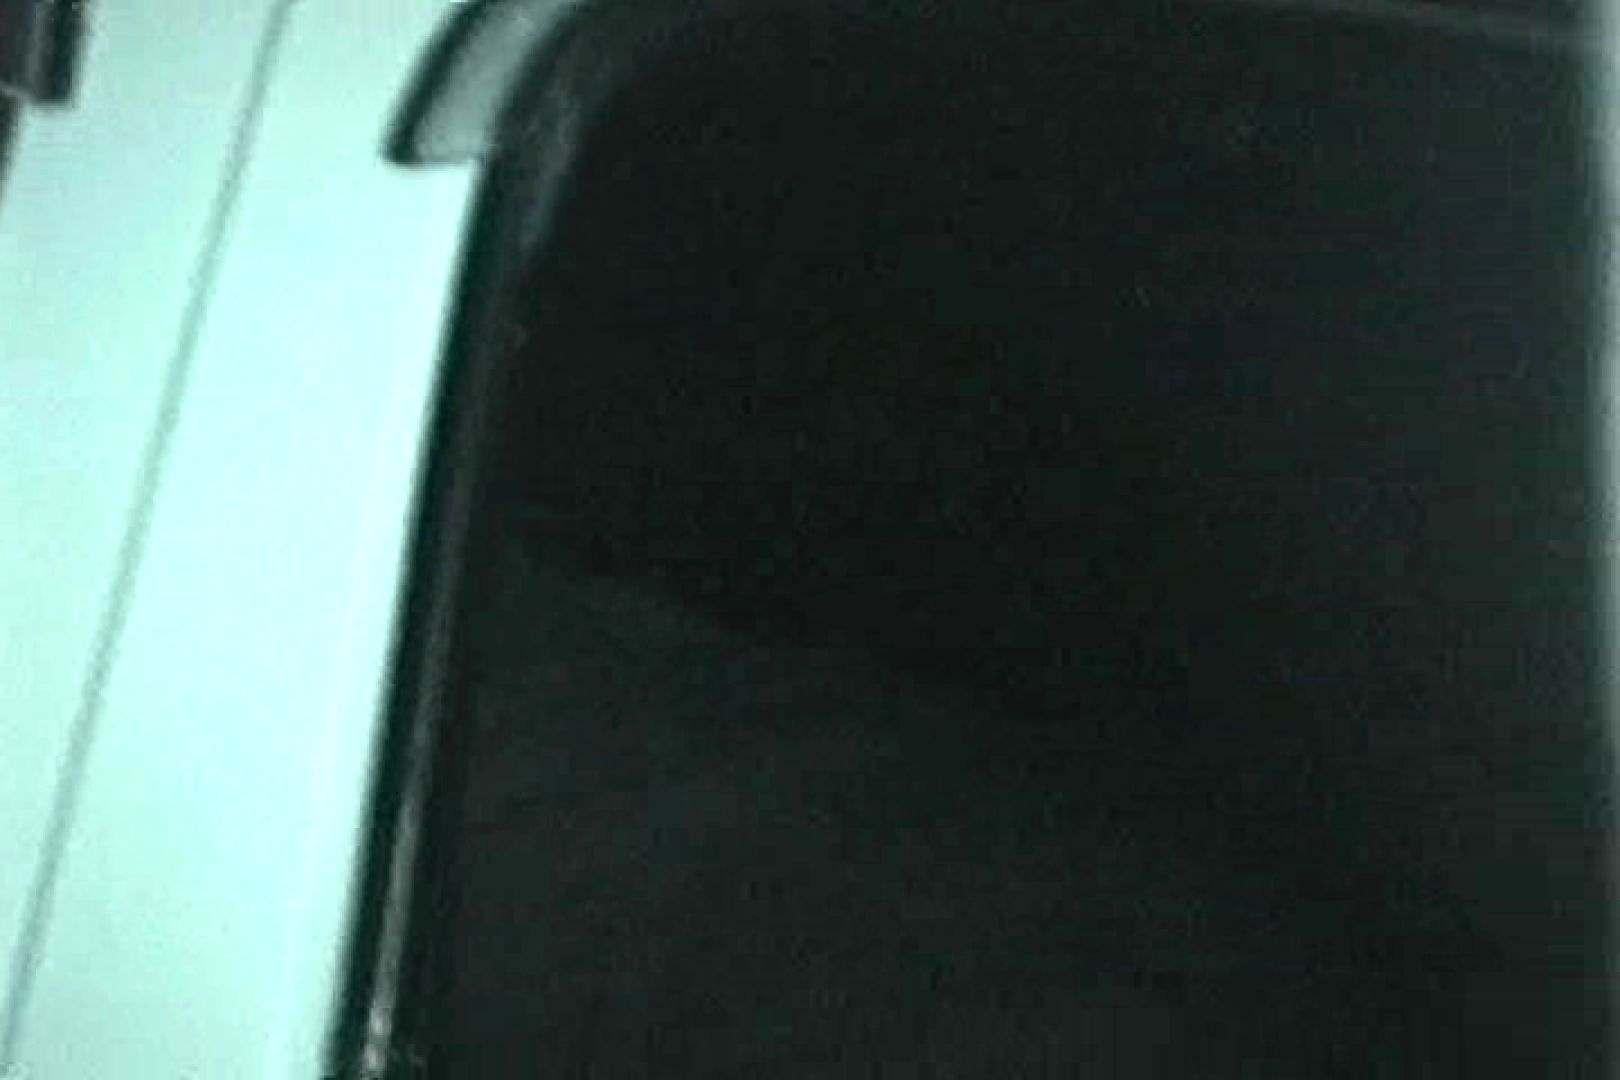 充血監督の深夜の運動会Vol.102 爆乳 盗撮AV動画キャプチャ 95PICs 27